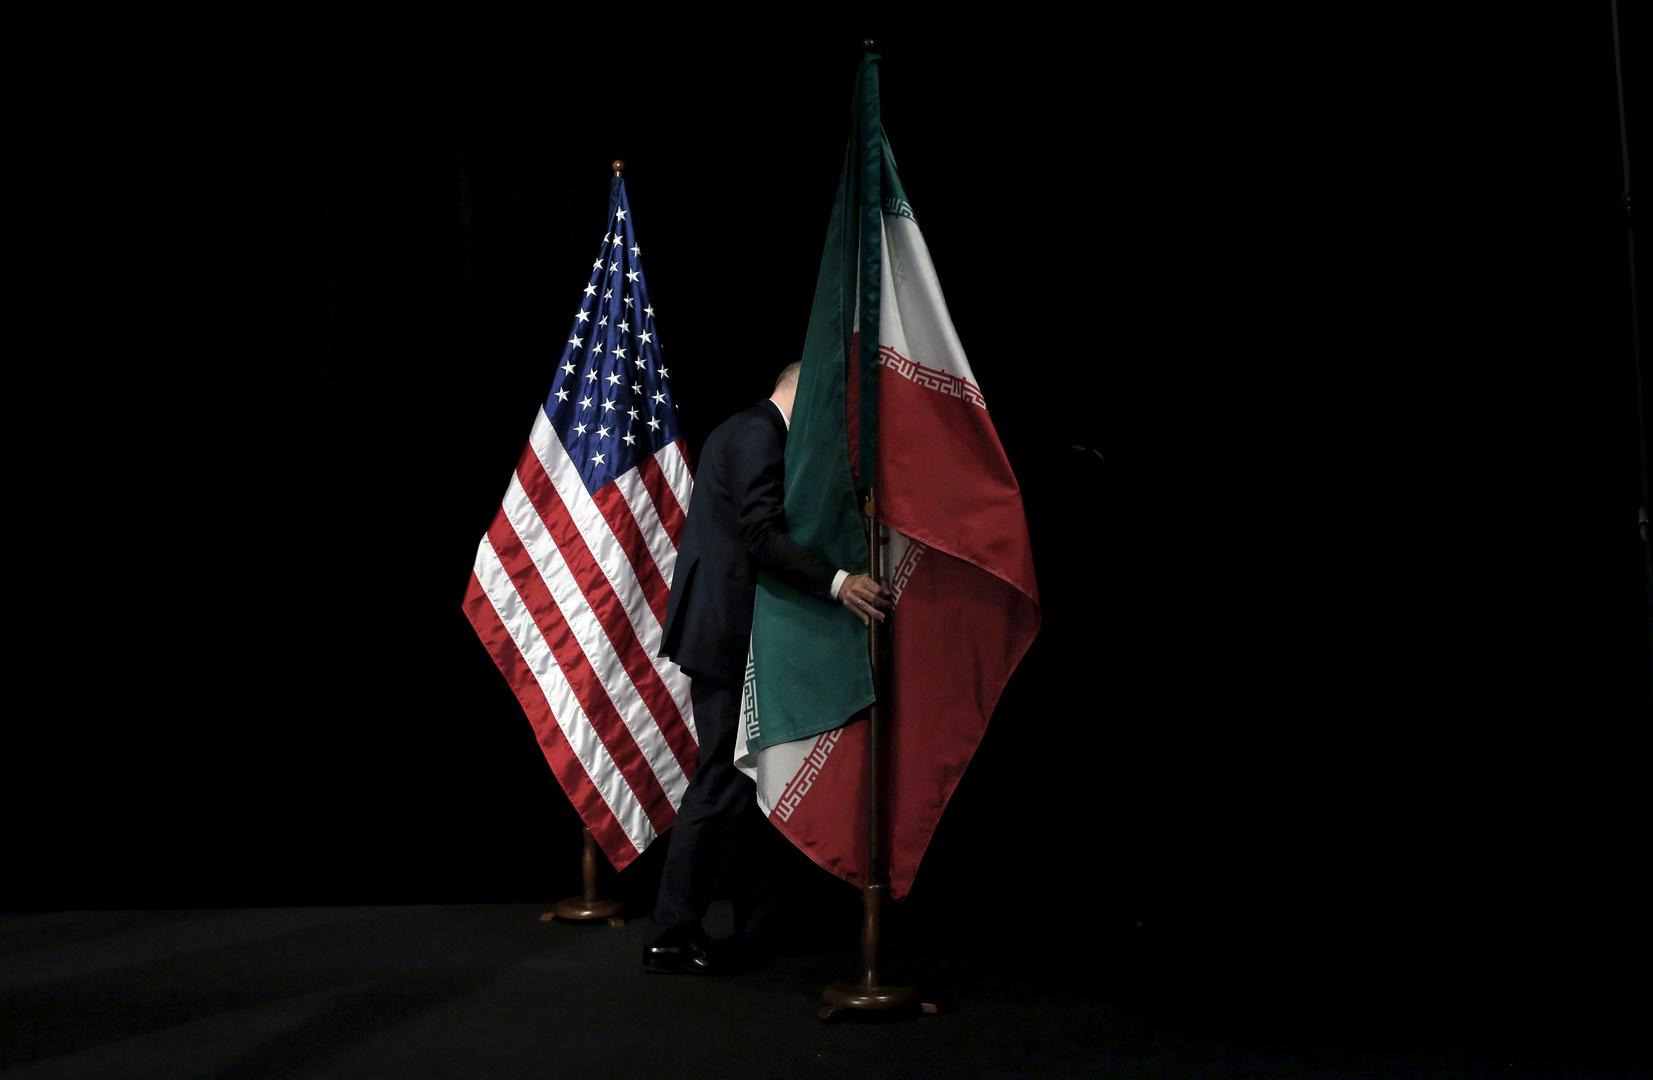 مكتب المرشد الإيراني: يحلم من يعتقد أن التفاوض مع واشنطن سيفيد إيران